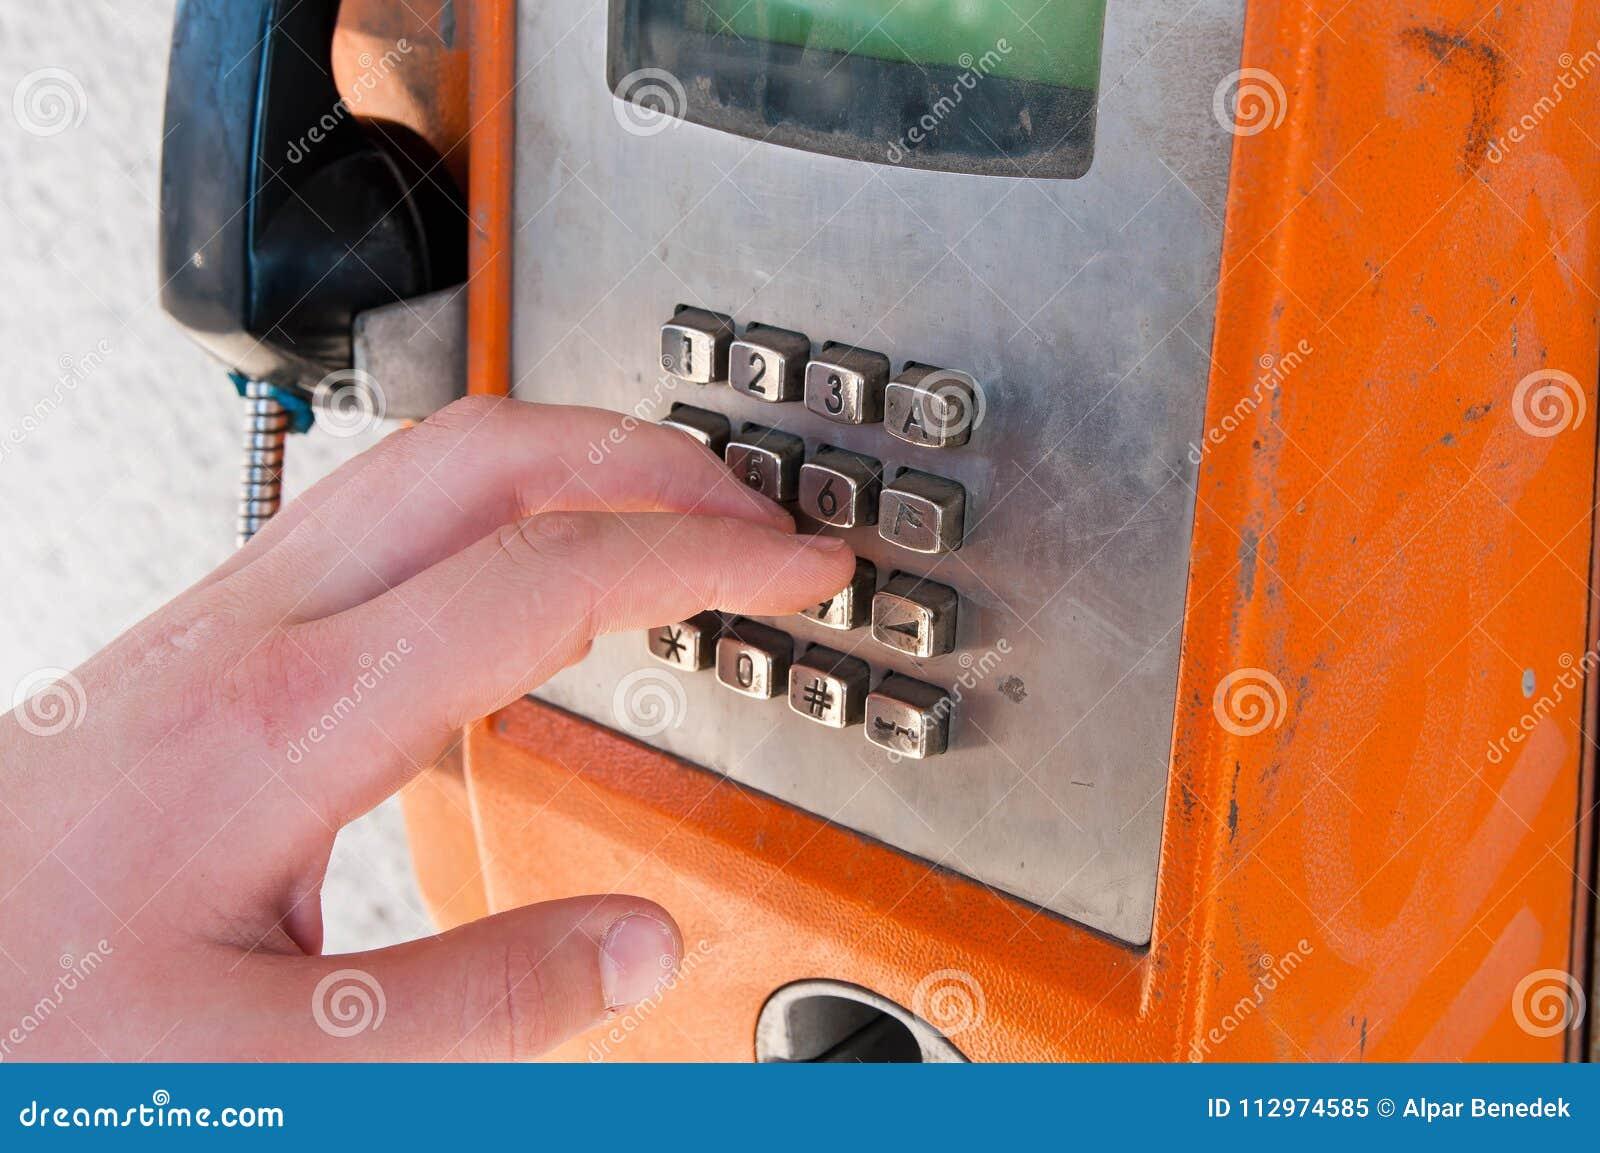 Giovane ragazzo che tocca un vecchio telefono pubblico arancio inutilizzato e unfunctional